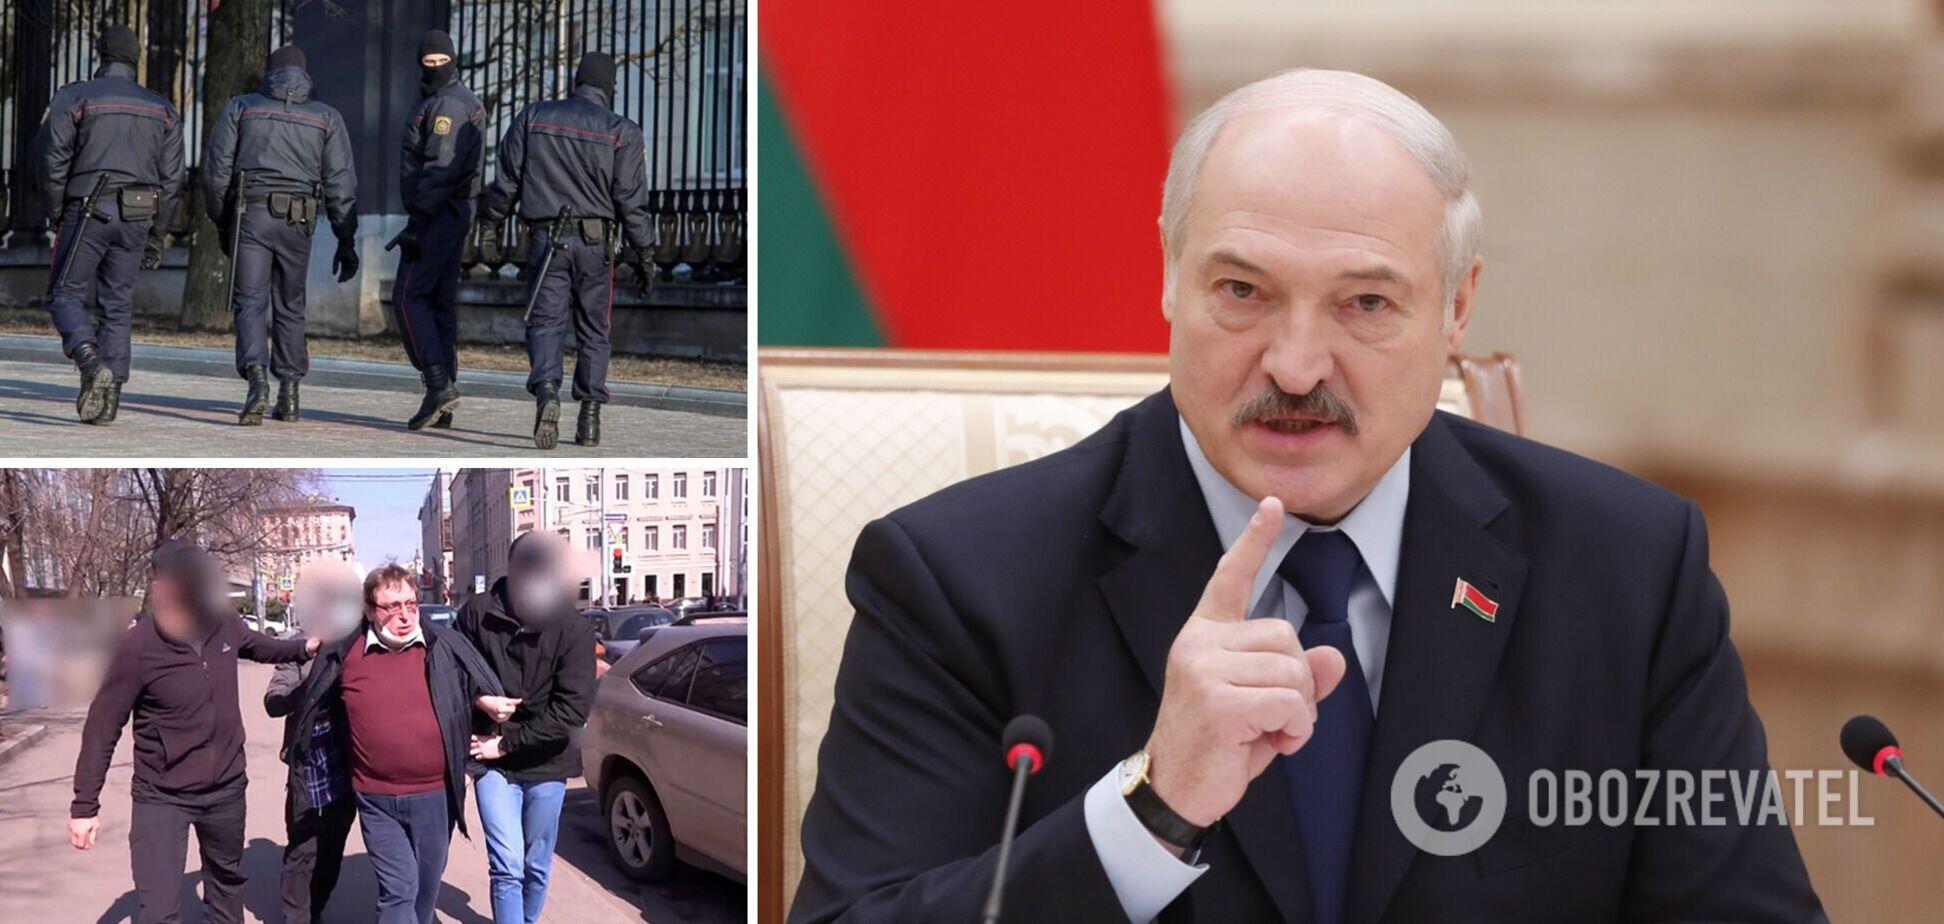 Задержанные по делу о покушении на Лукашенко признали вину в эфире ТВ Беларуси